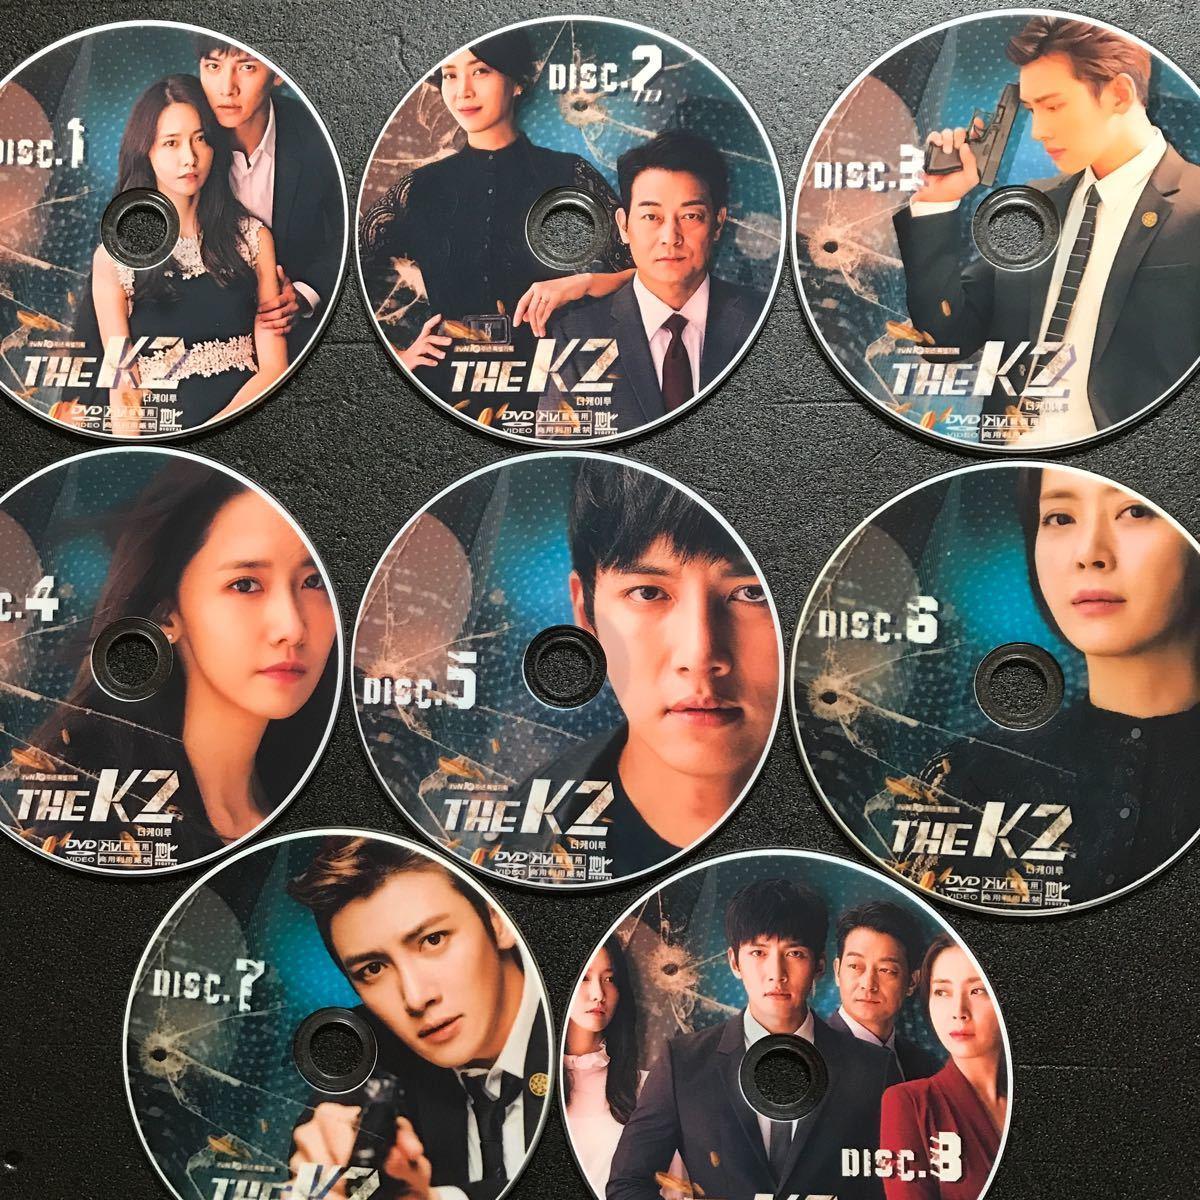 ドラ k2 韓 韓国ドラマ「THE K2